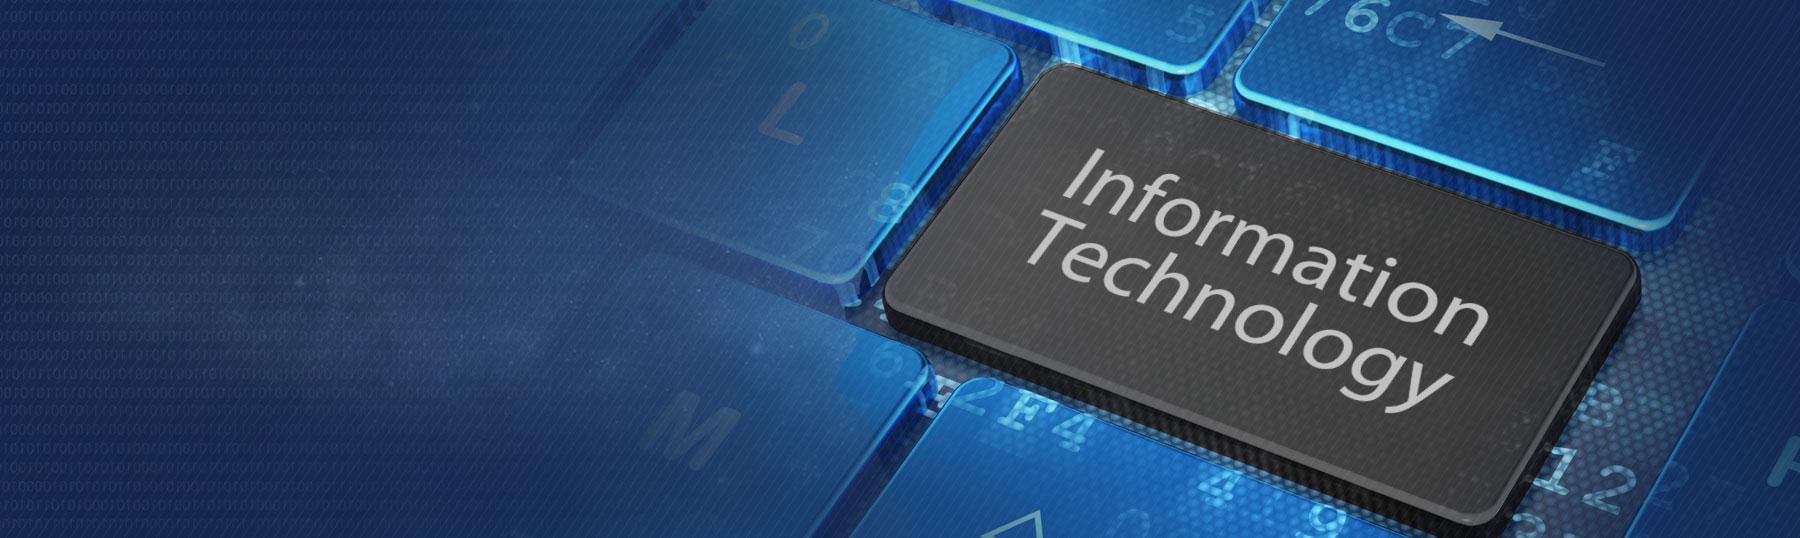 Communication & Technology